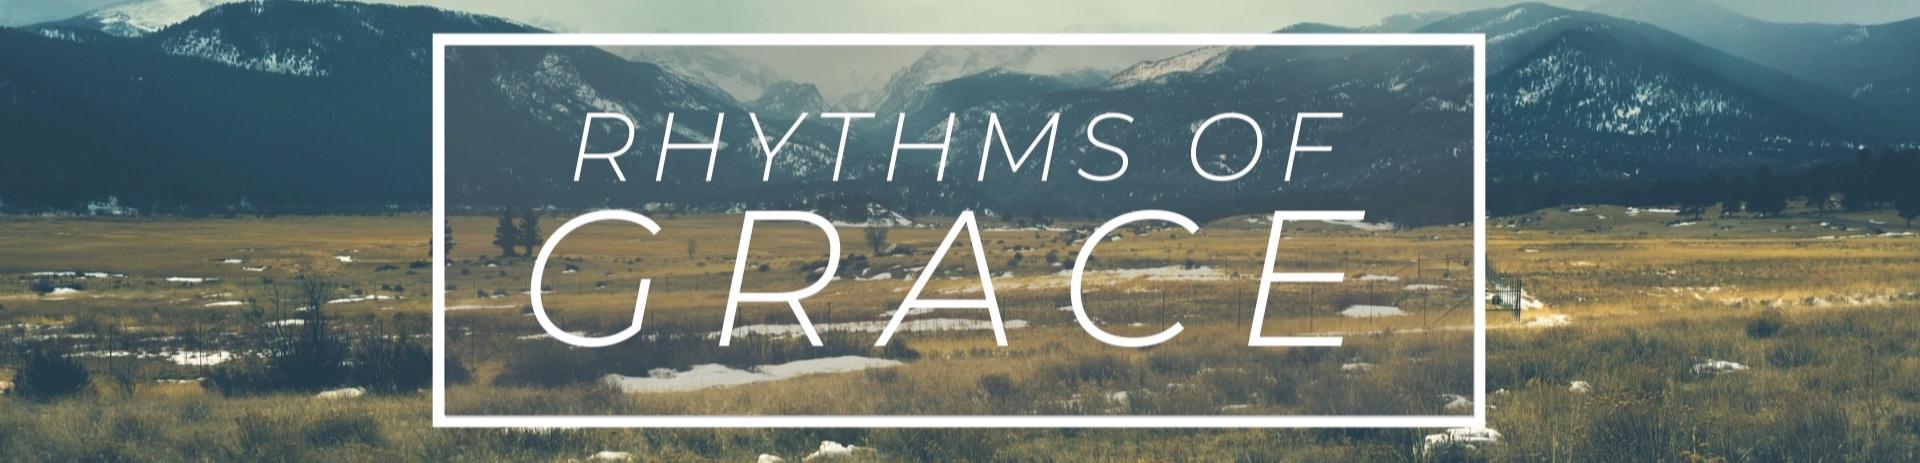 Rhythms%2Bof%2BGrace.jpg